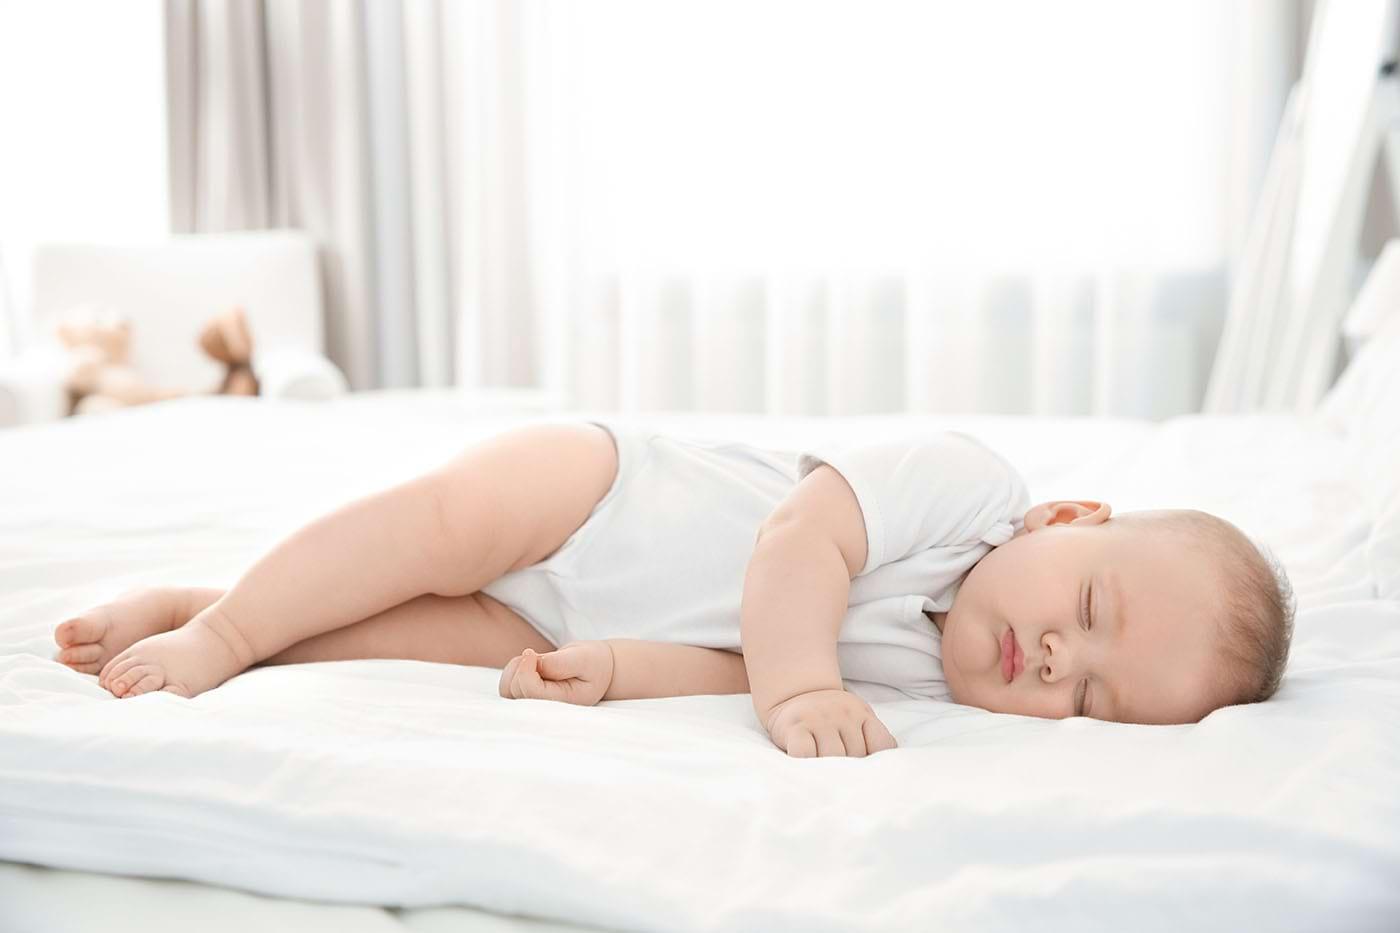 Tulburările de somn ale bebelușului, asociate cu probleme de sănătate mentală ulterioare? [studiu]